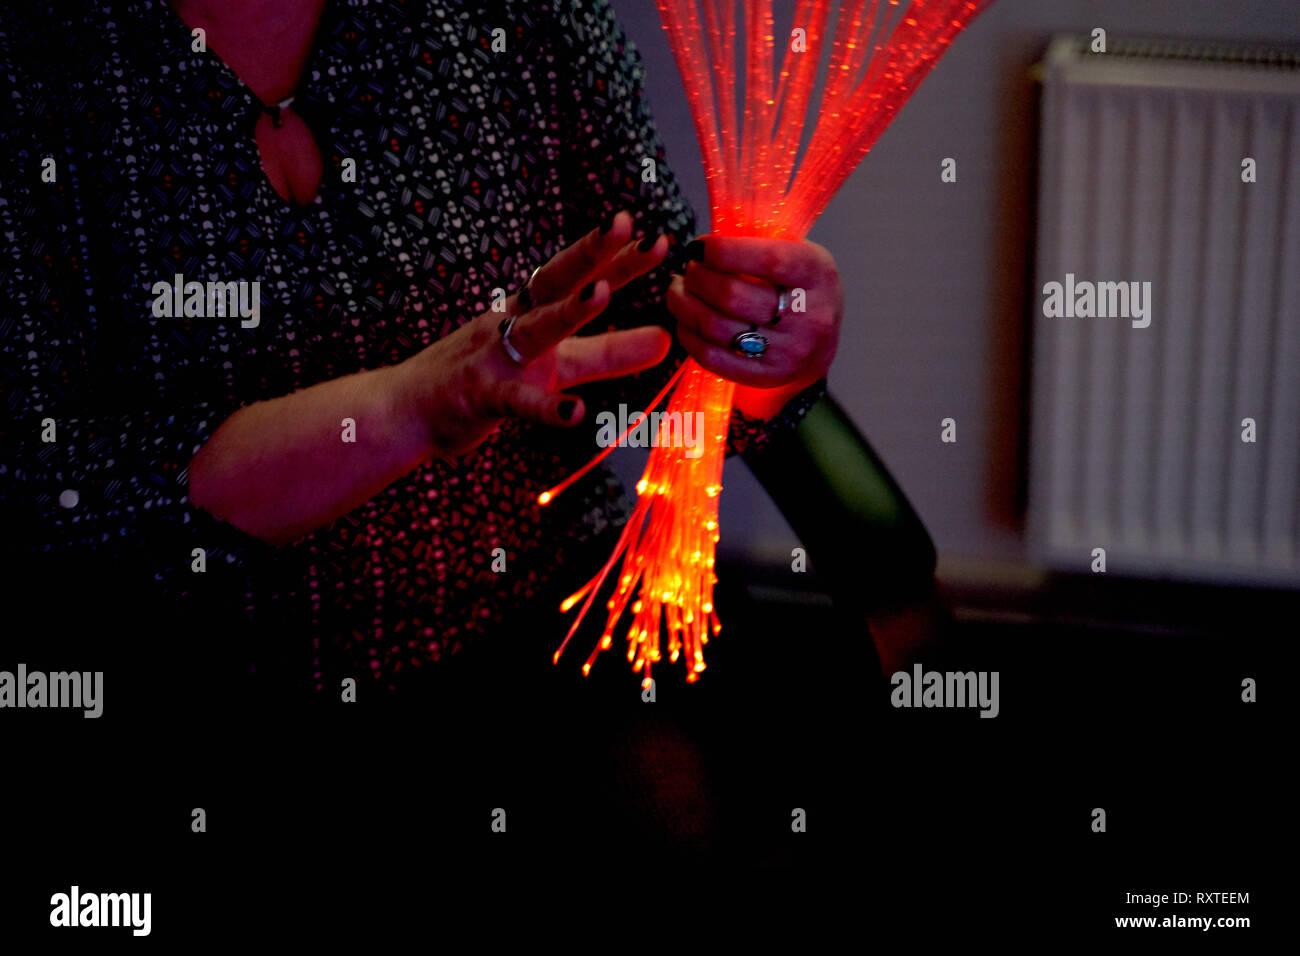 Frau in der Farbtherapie in den Ruhestand care Home. multi sensorische Stimulierung healthcare Platz Stockfoto